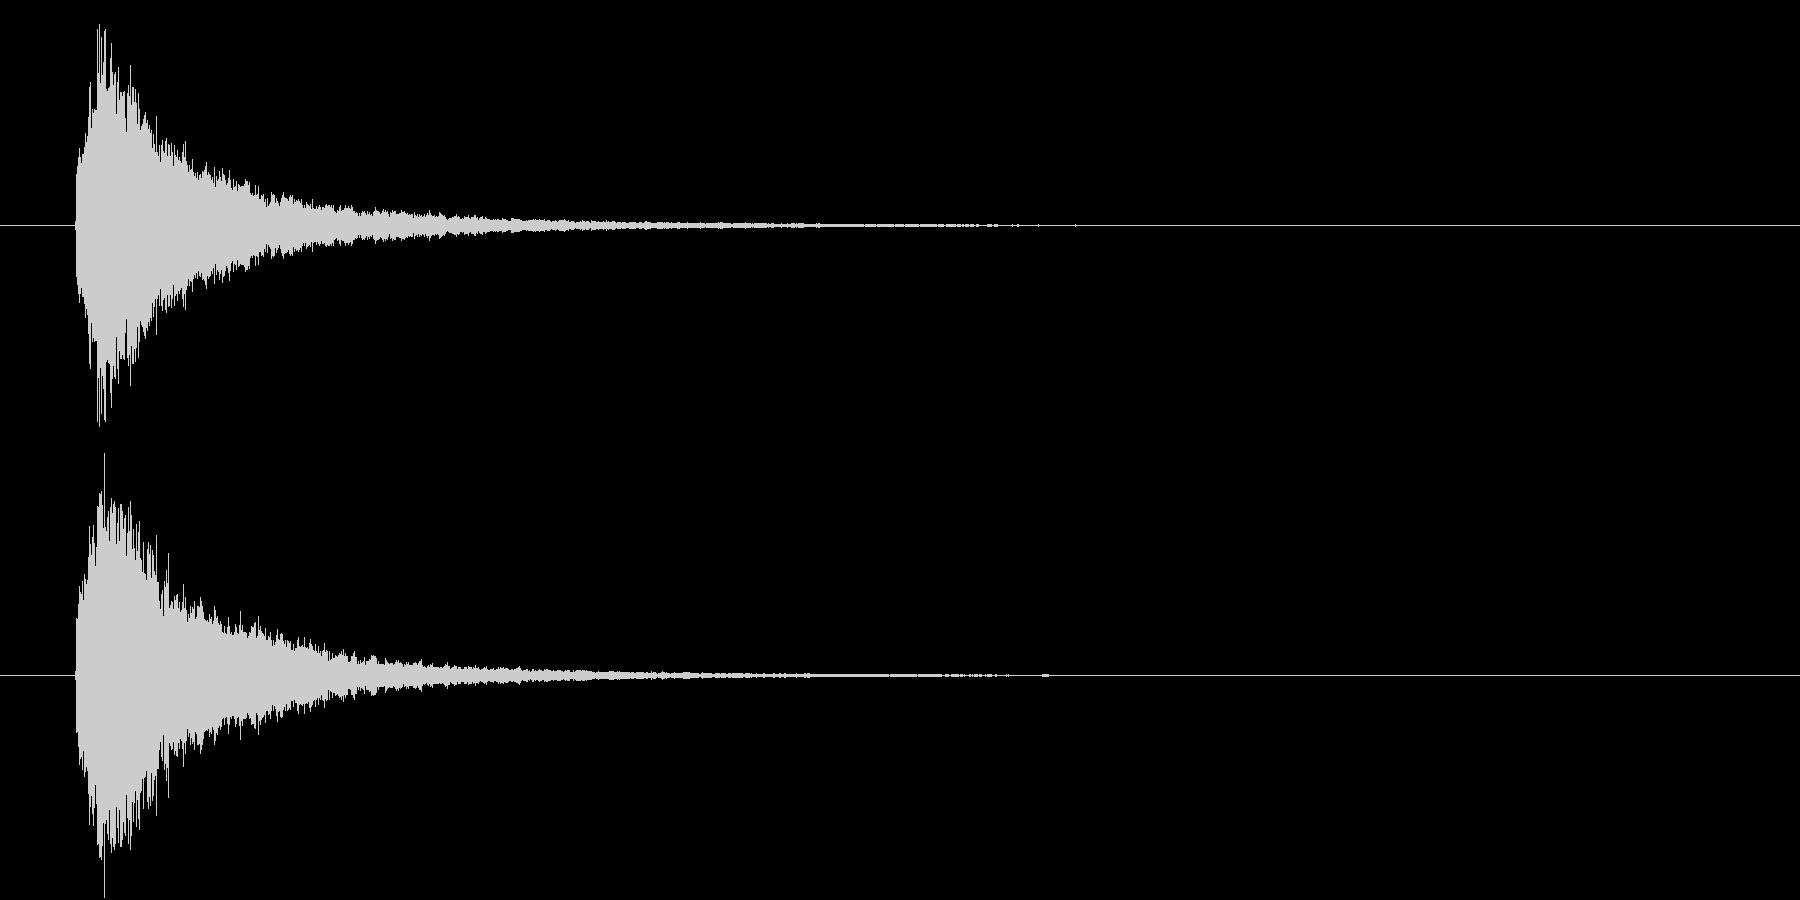 回復魔法の効果音2の未再生の波形